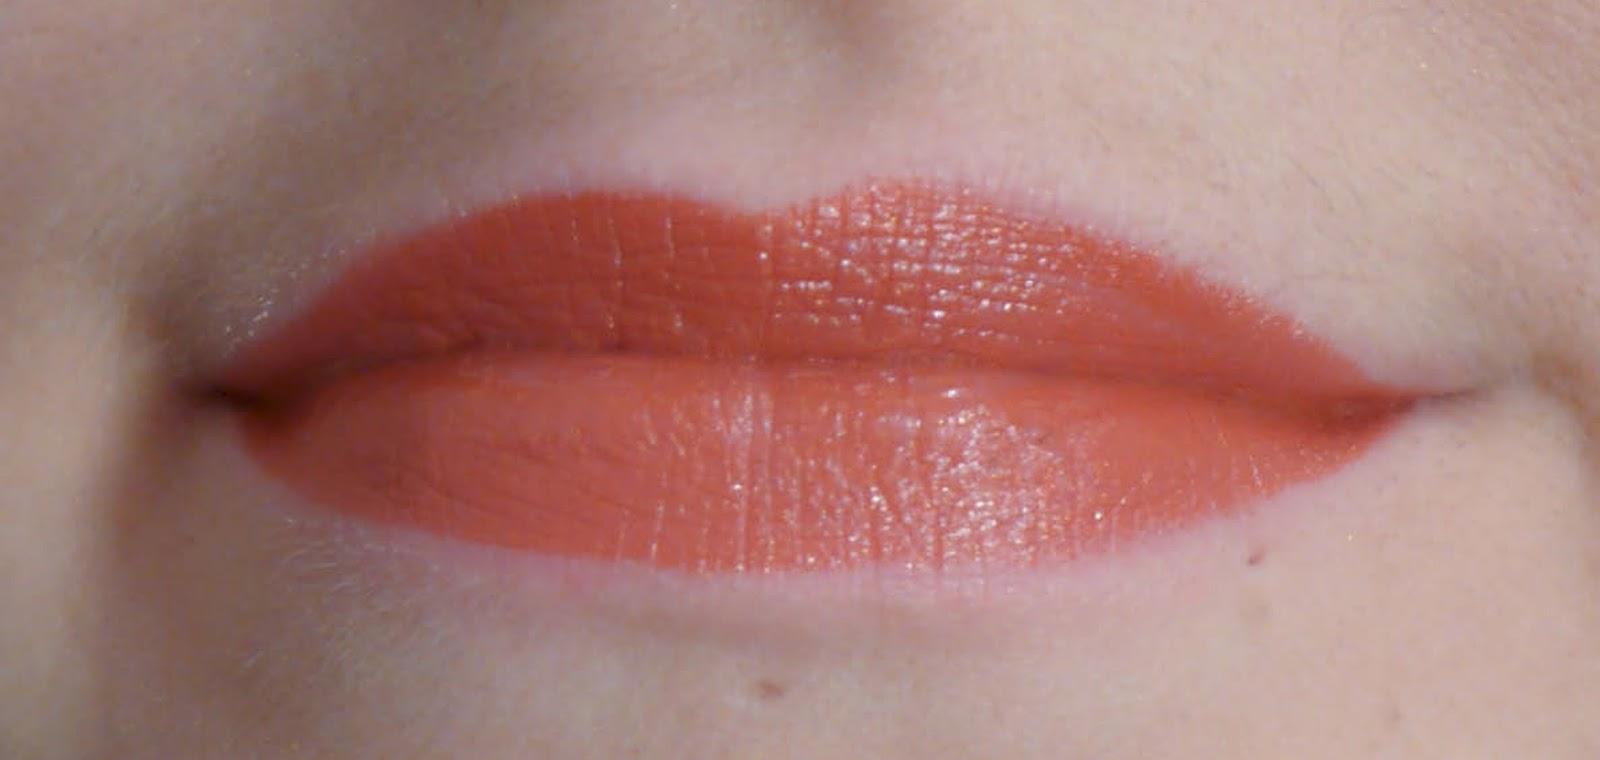 rouge à lèvres gisela Guerlain